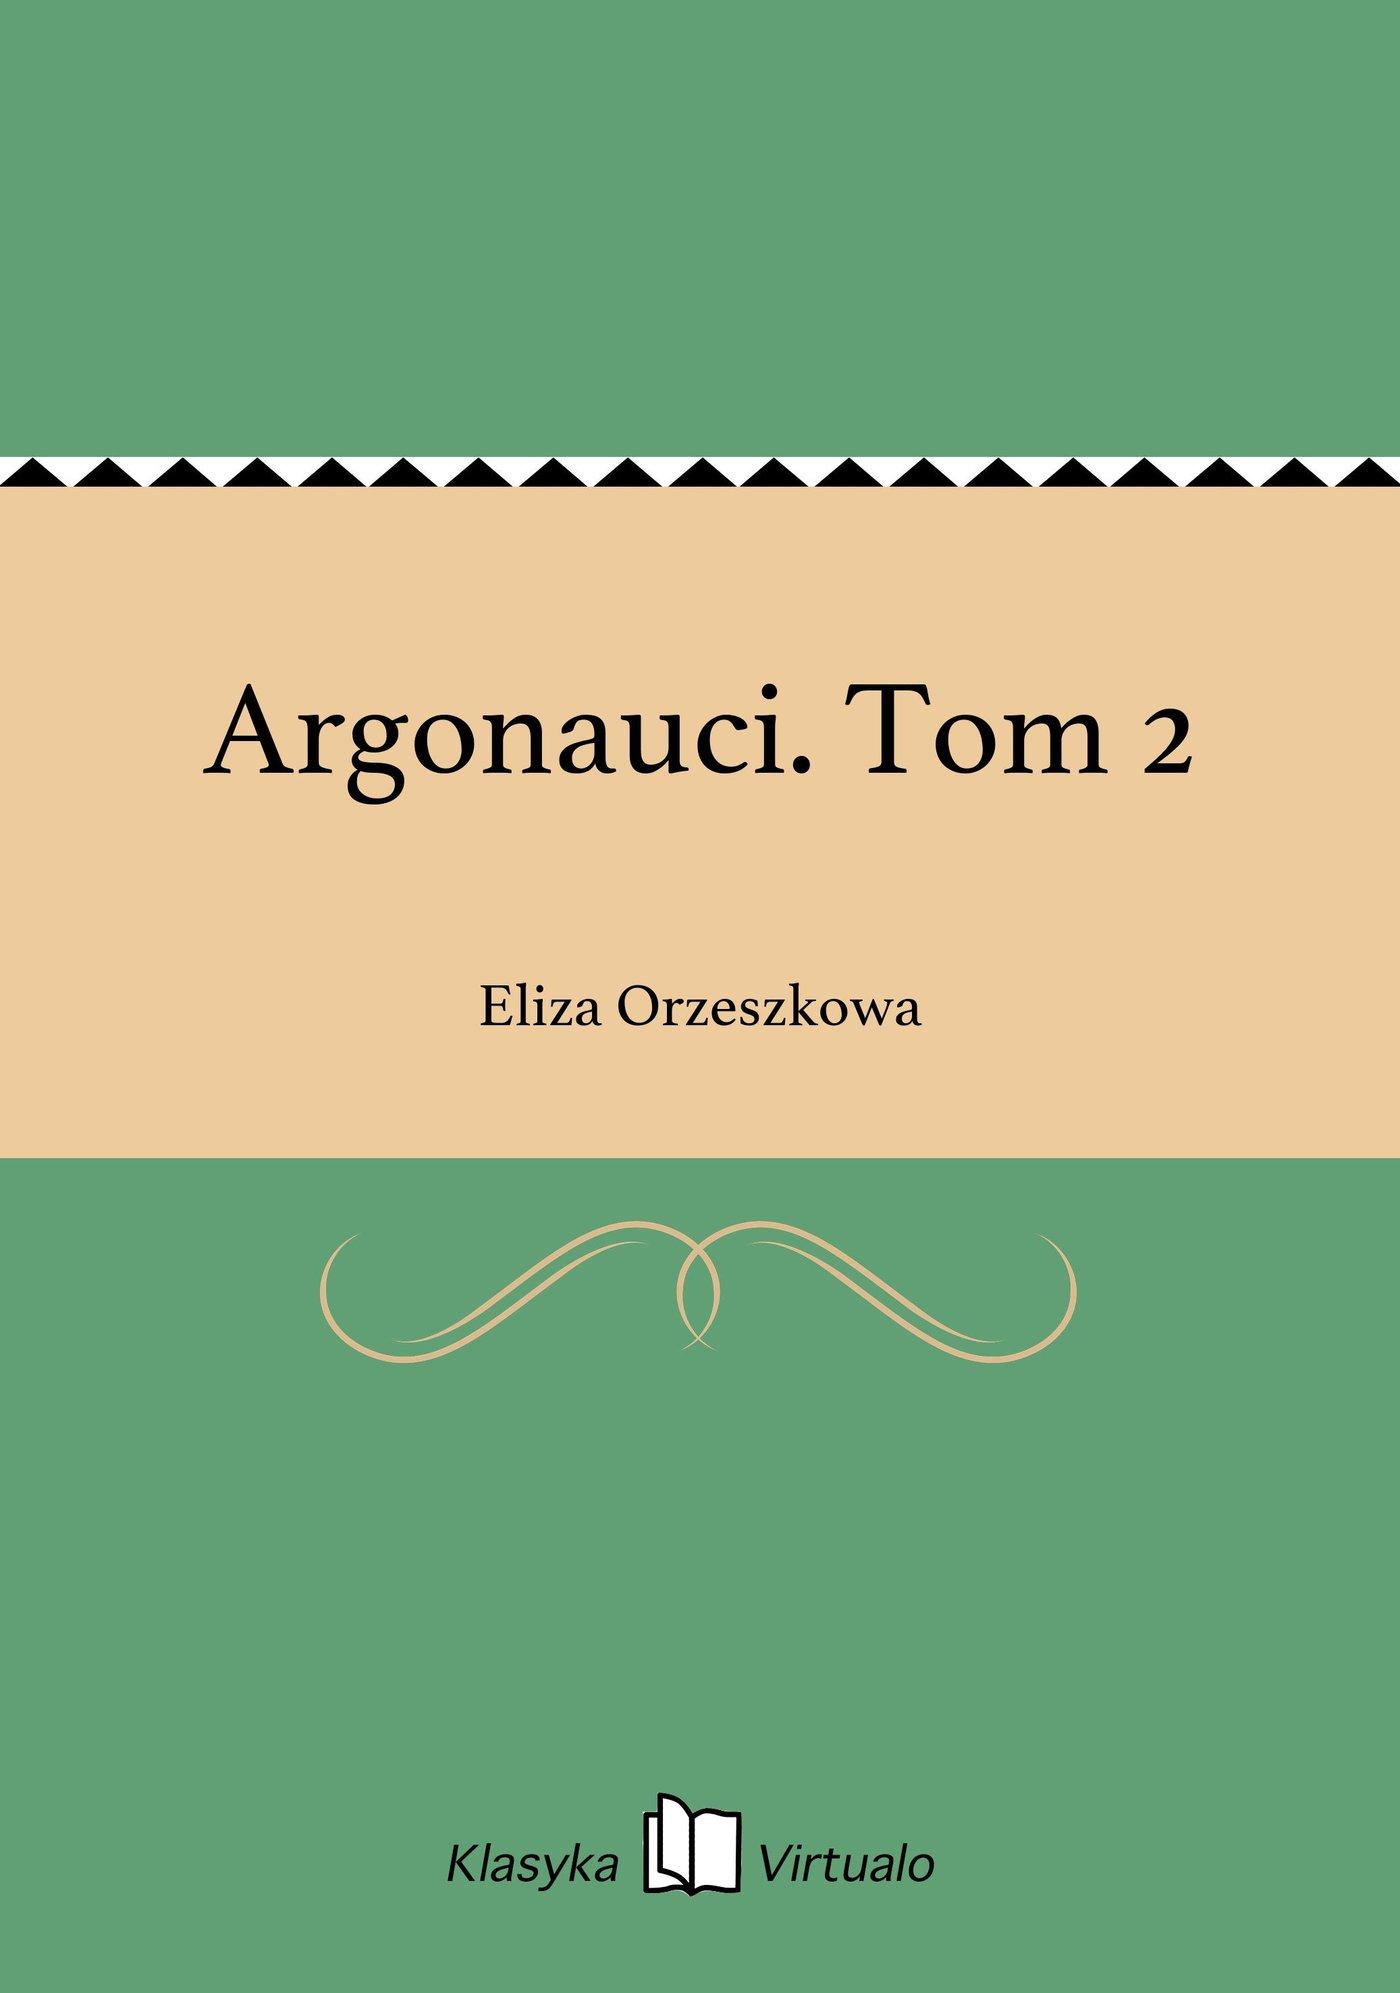 Argonauci. Tom 2 - Ebook (Książka na Kindle) do pobrania w formacie MOBI